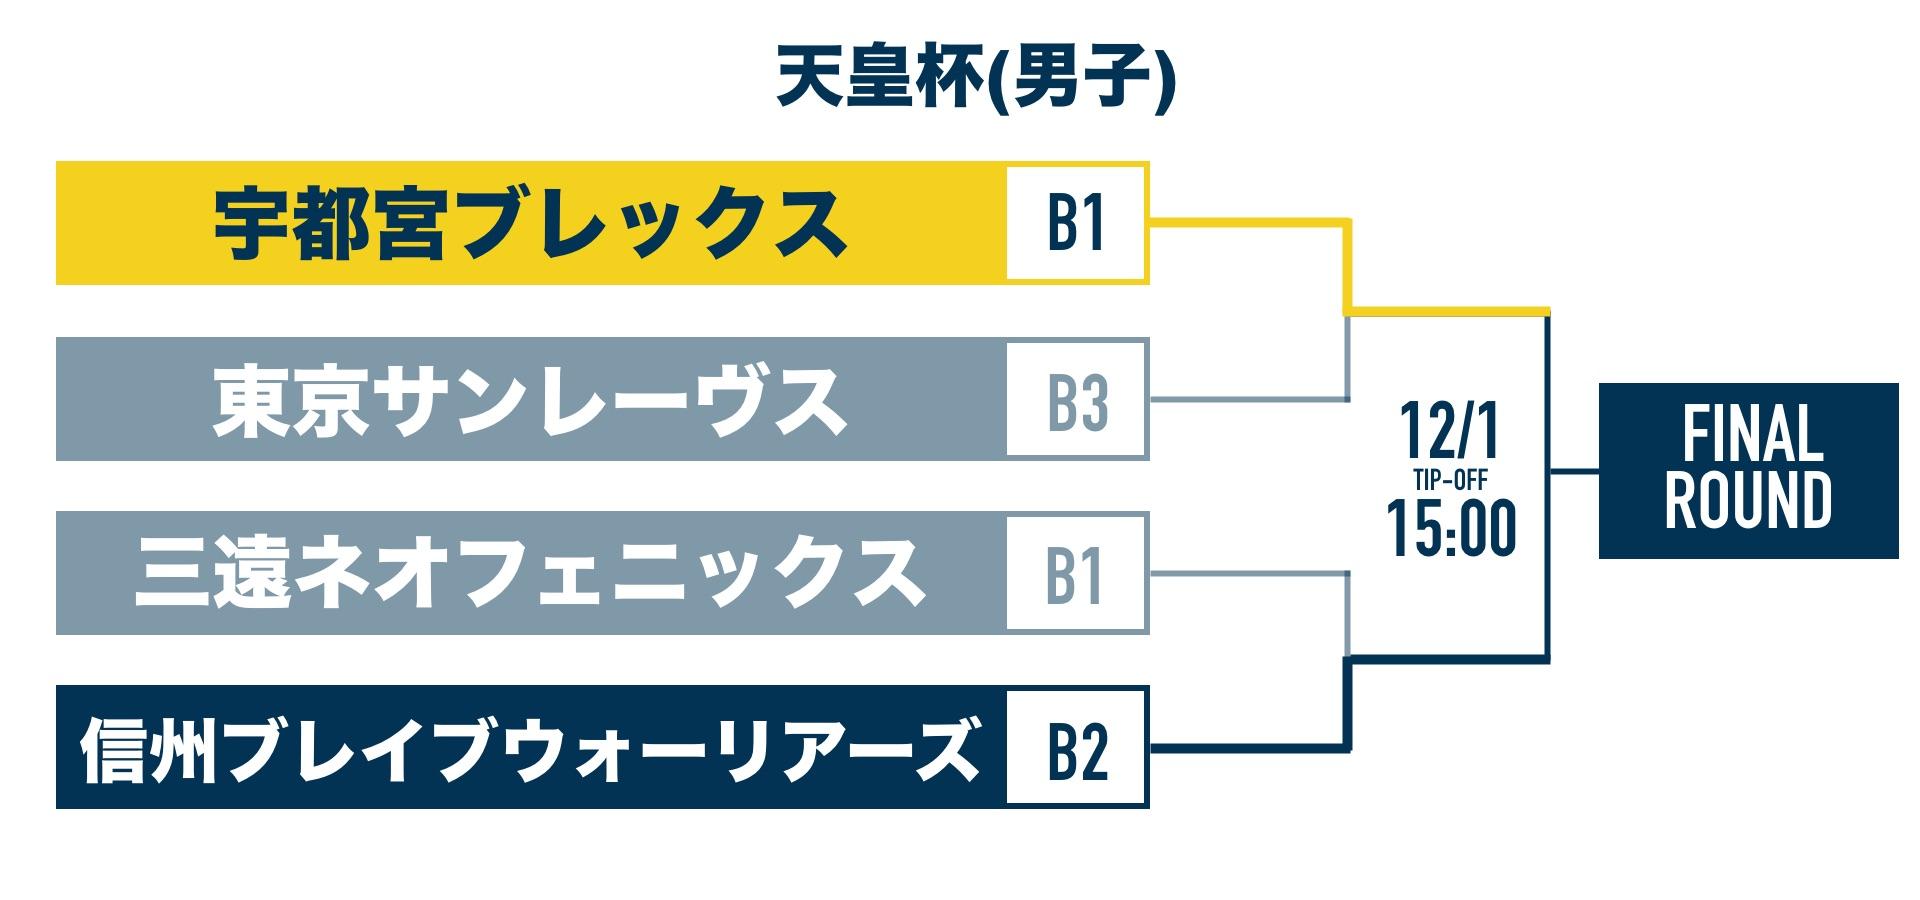 2次ラウンド 男子 トーナメント表